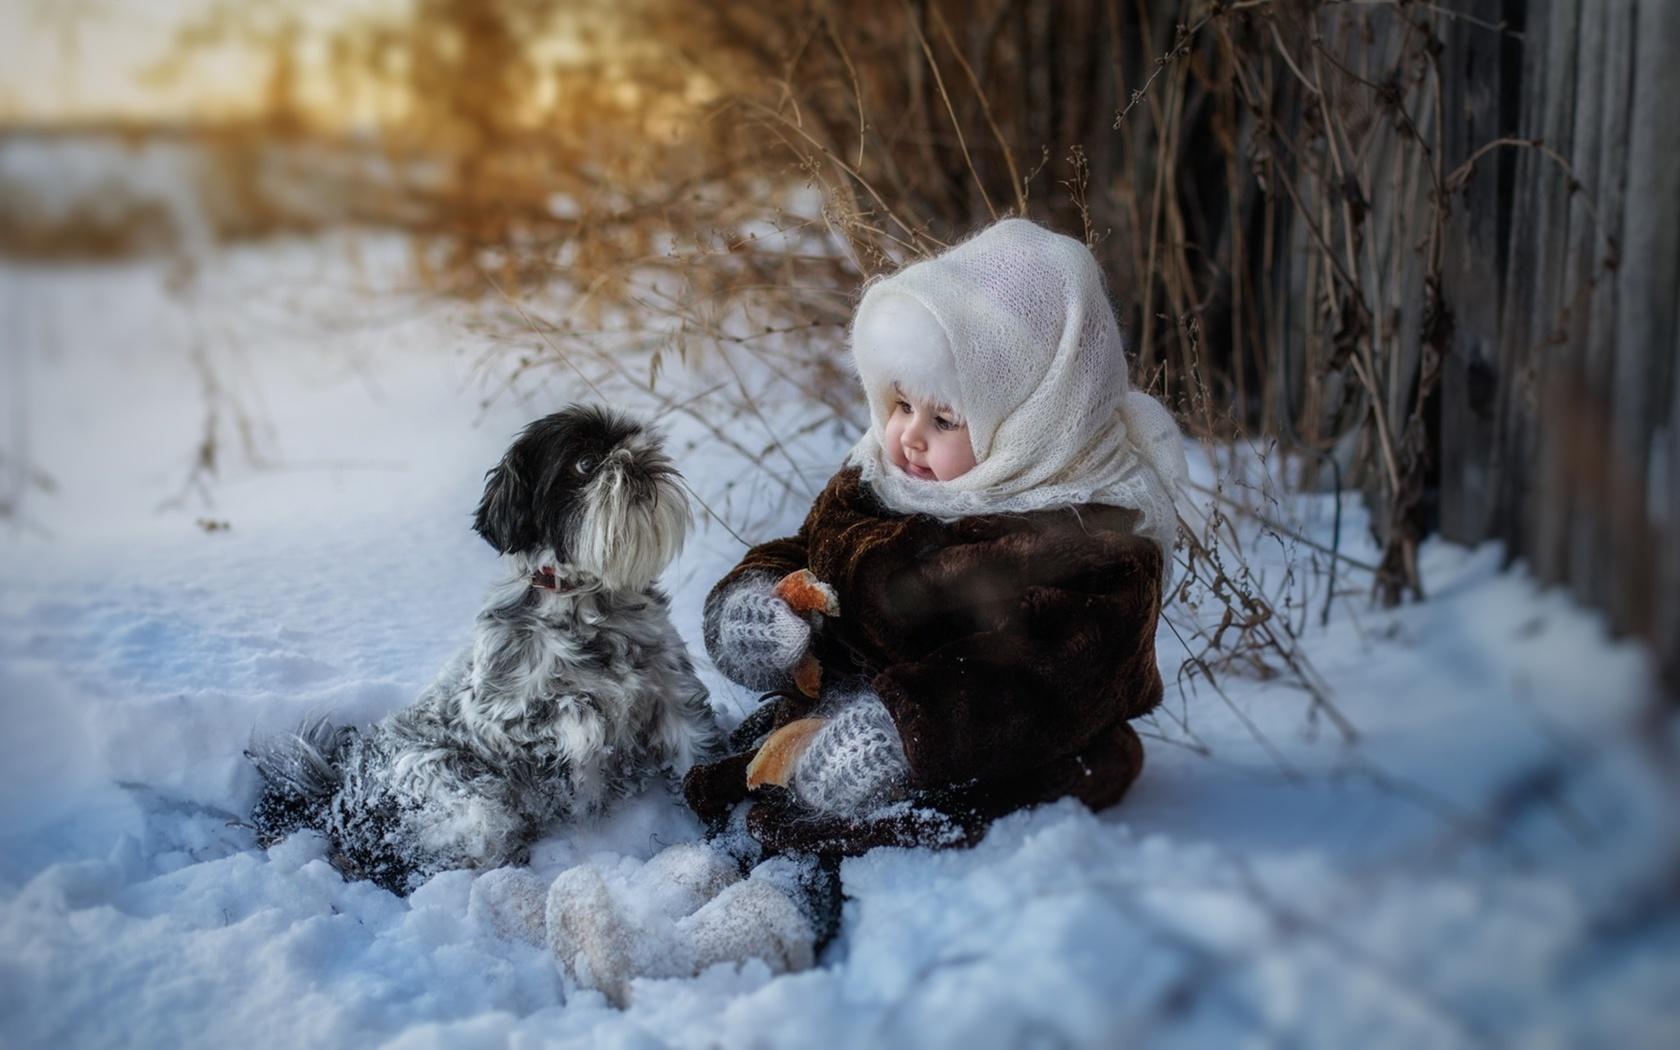 ребёнок, девочка, малышка, животное, собака, природа, зима, снег, трава, бублик